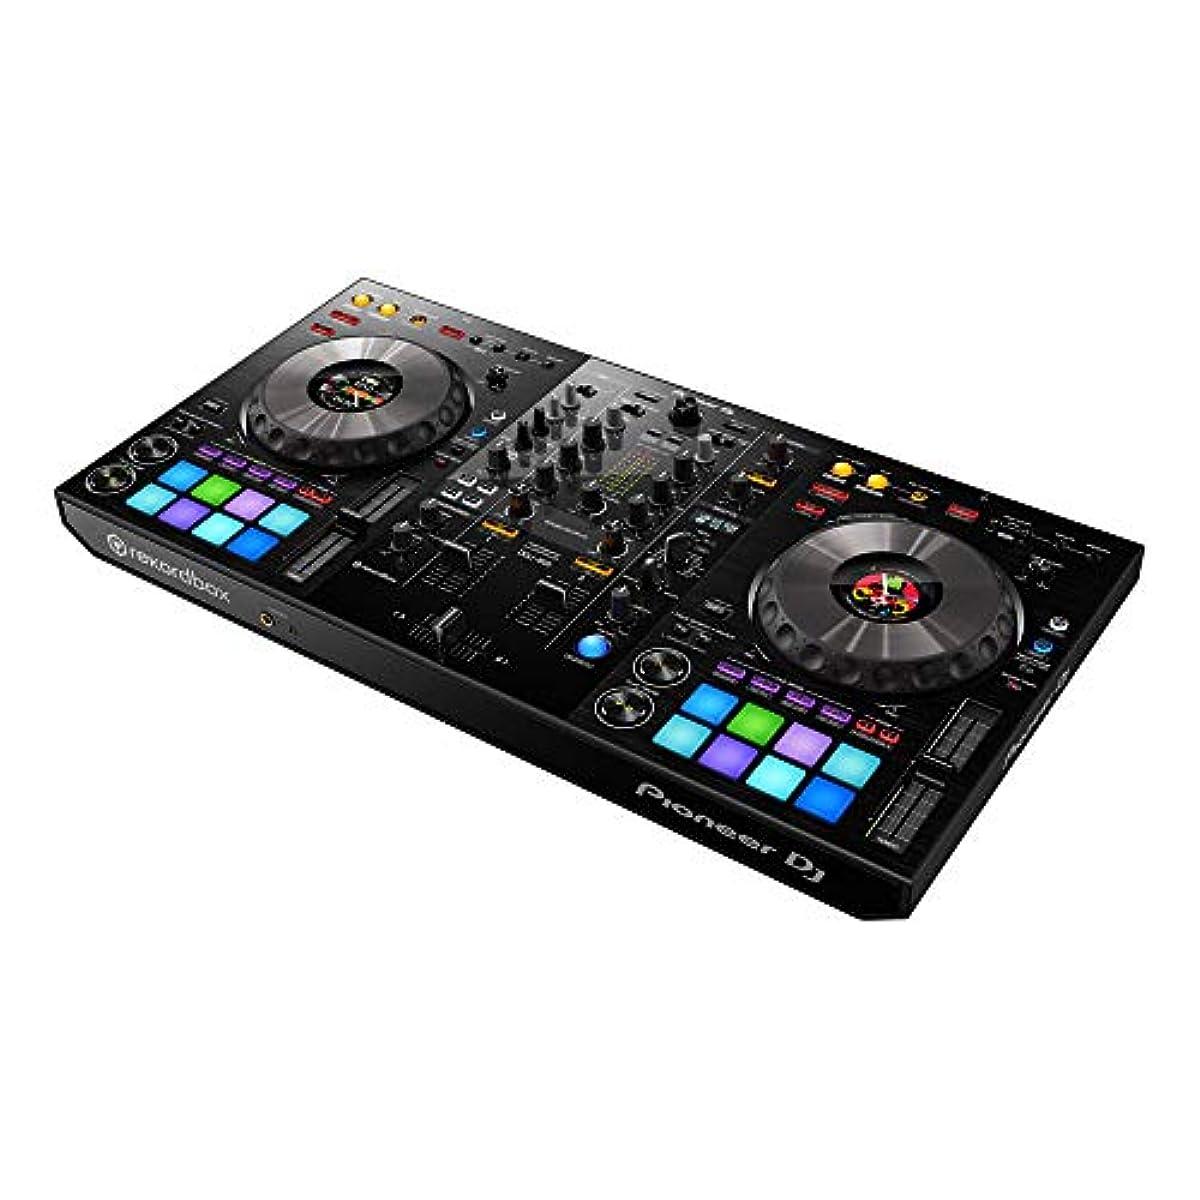 [해외] PIONEER DJ REKORDBOX DJ전용 퍼포먼스DJ콘트롤러 DDJ-800